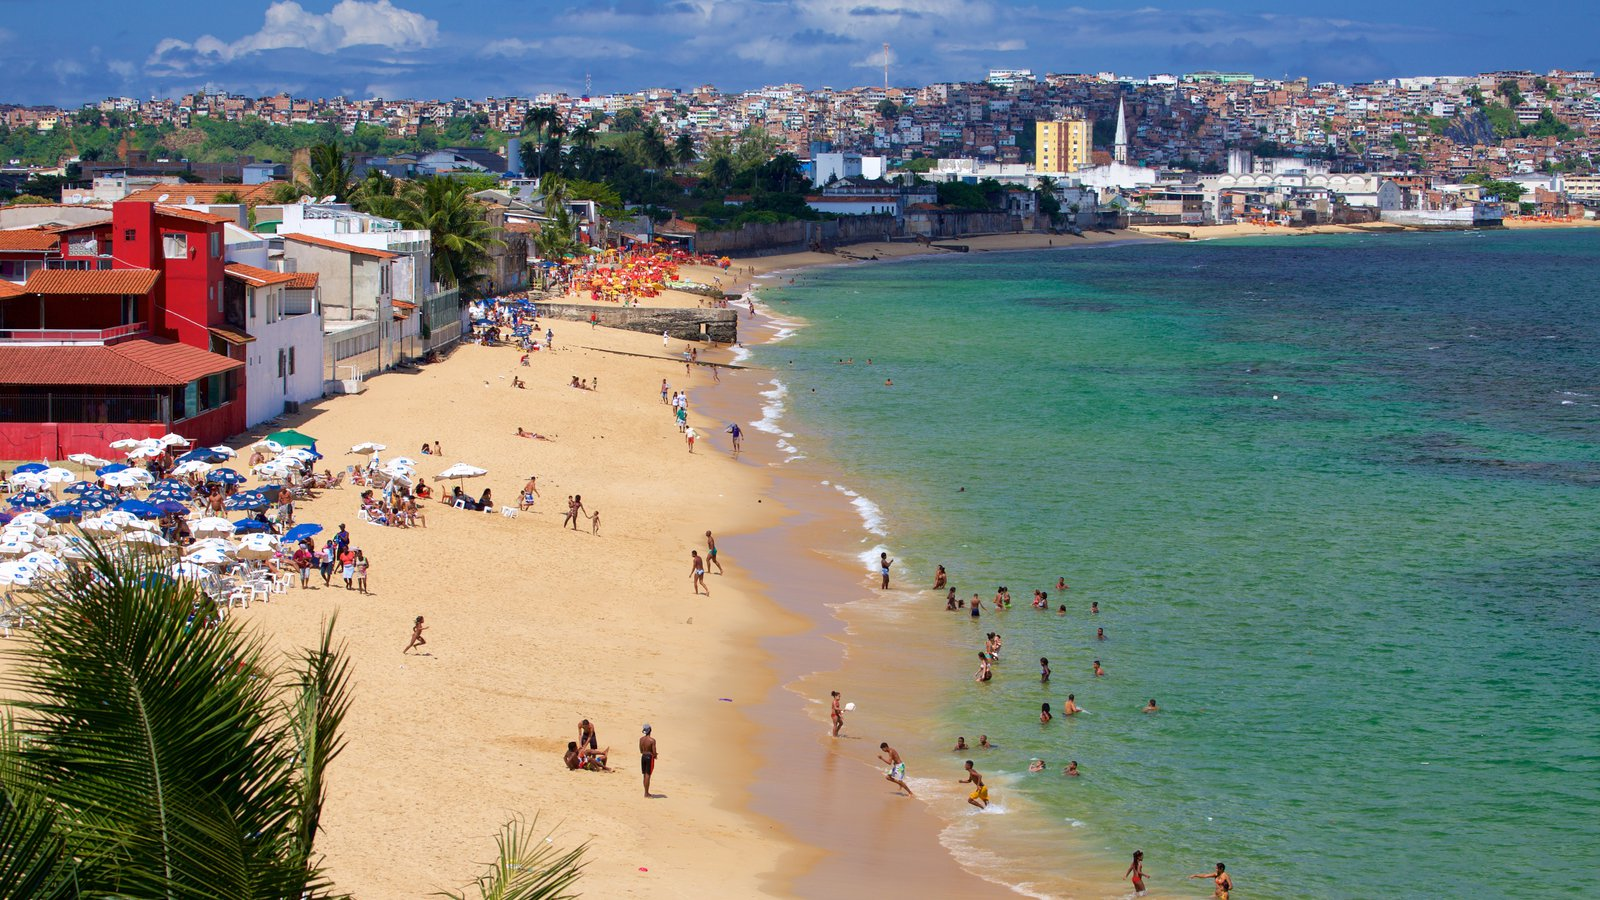 Salvador mostrando natação, uma cidade litorânea e uma praia de areia